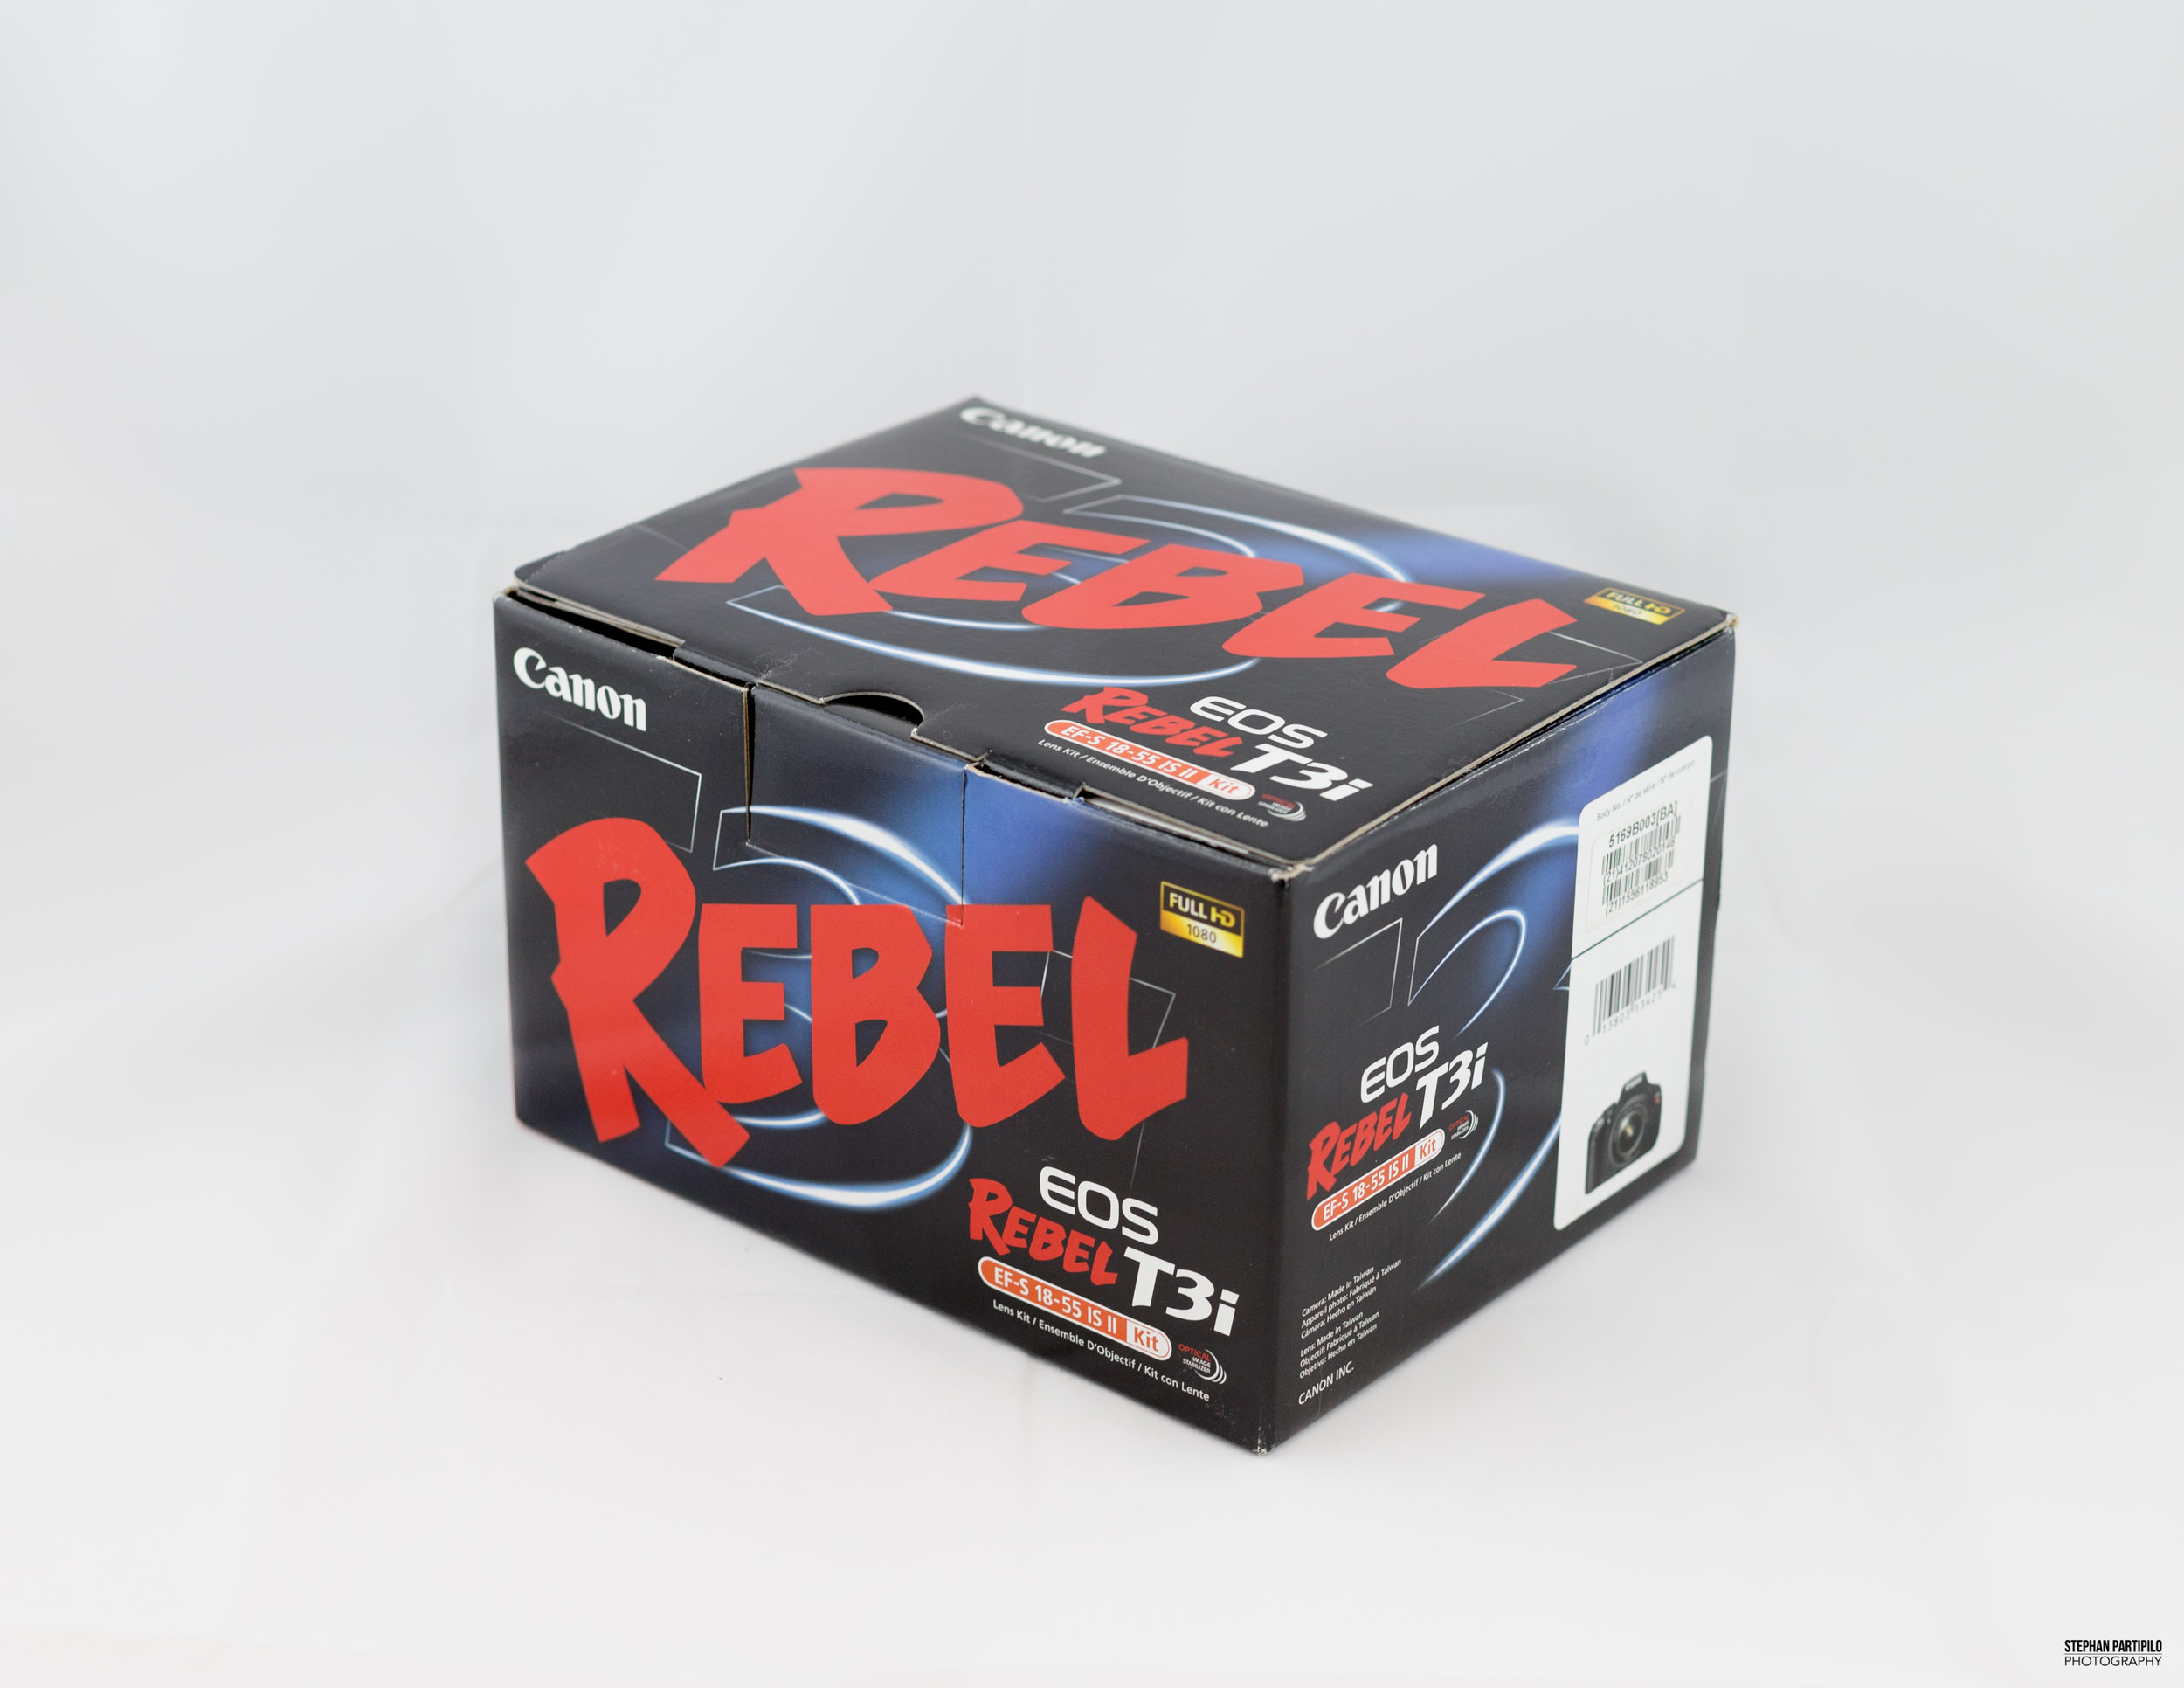 Rebel T3i Kit April 2017 IMG_7832.jpg